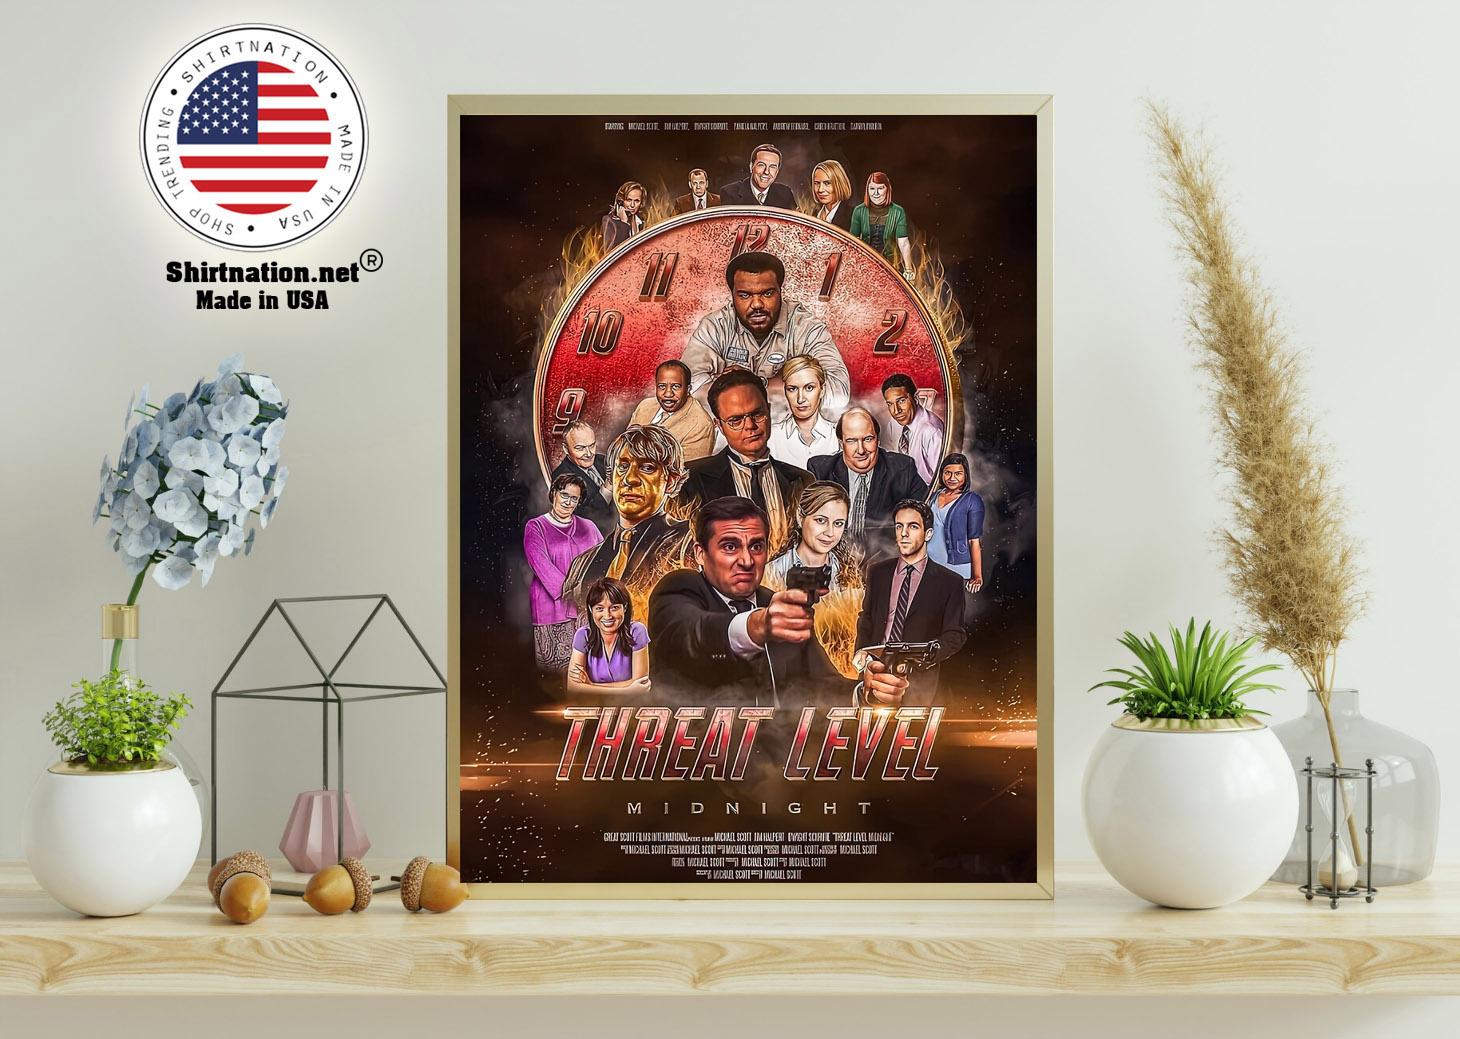 Threat level midnight movie poster 11